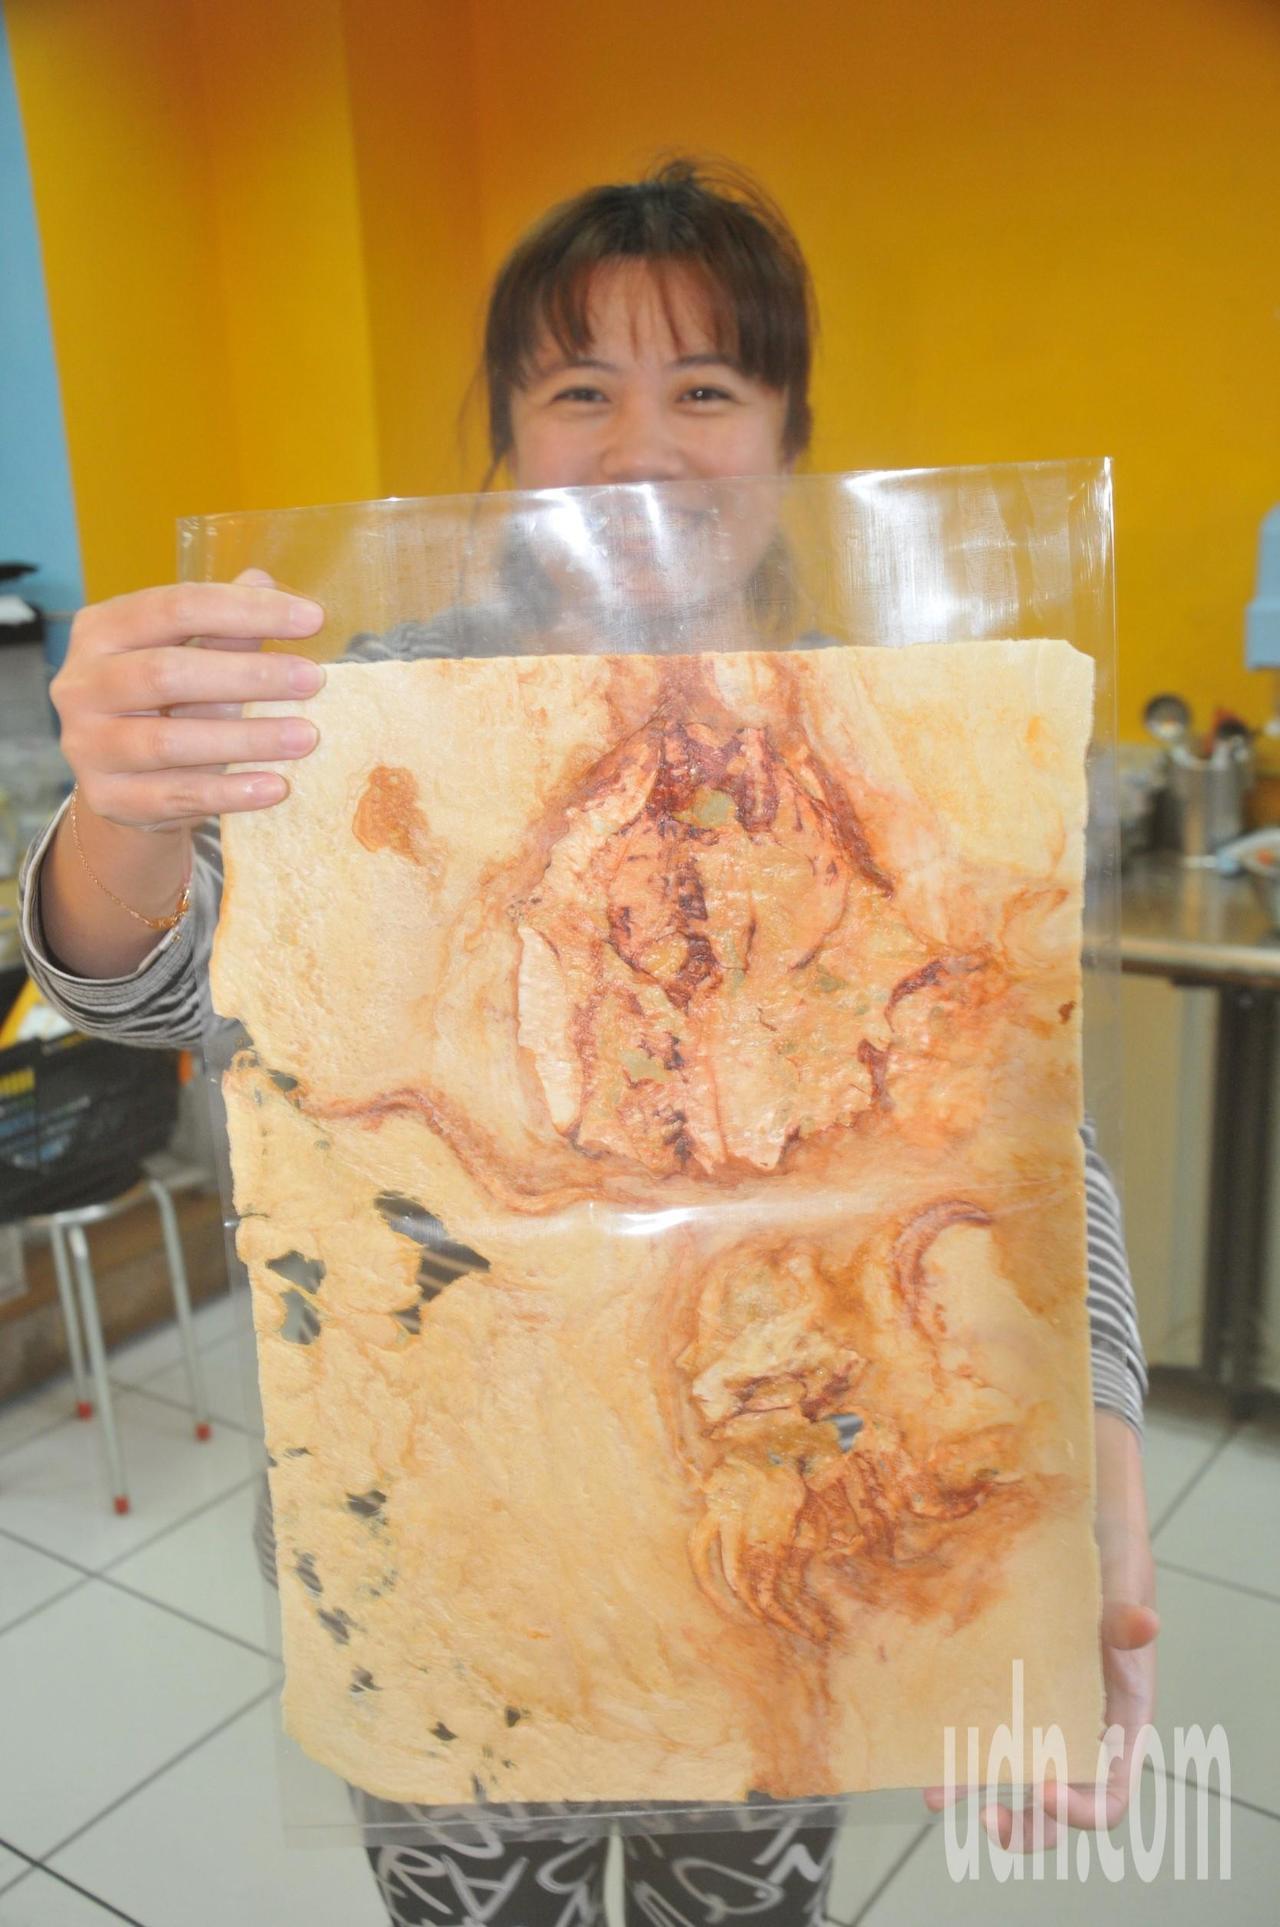 化石燒用200度高温燒製,可看到整隻透抽。記者游明煌/攝影